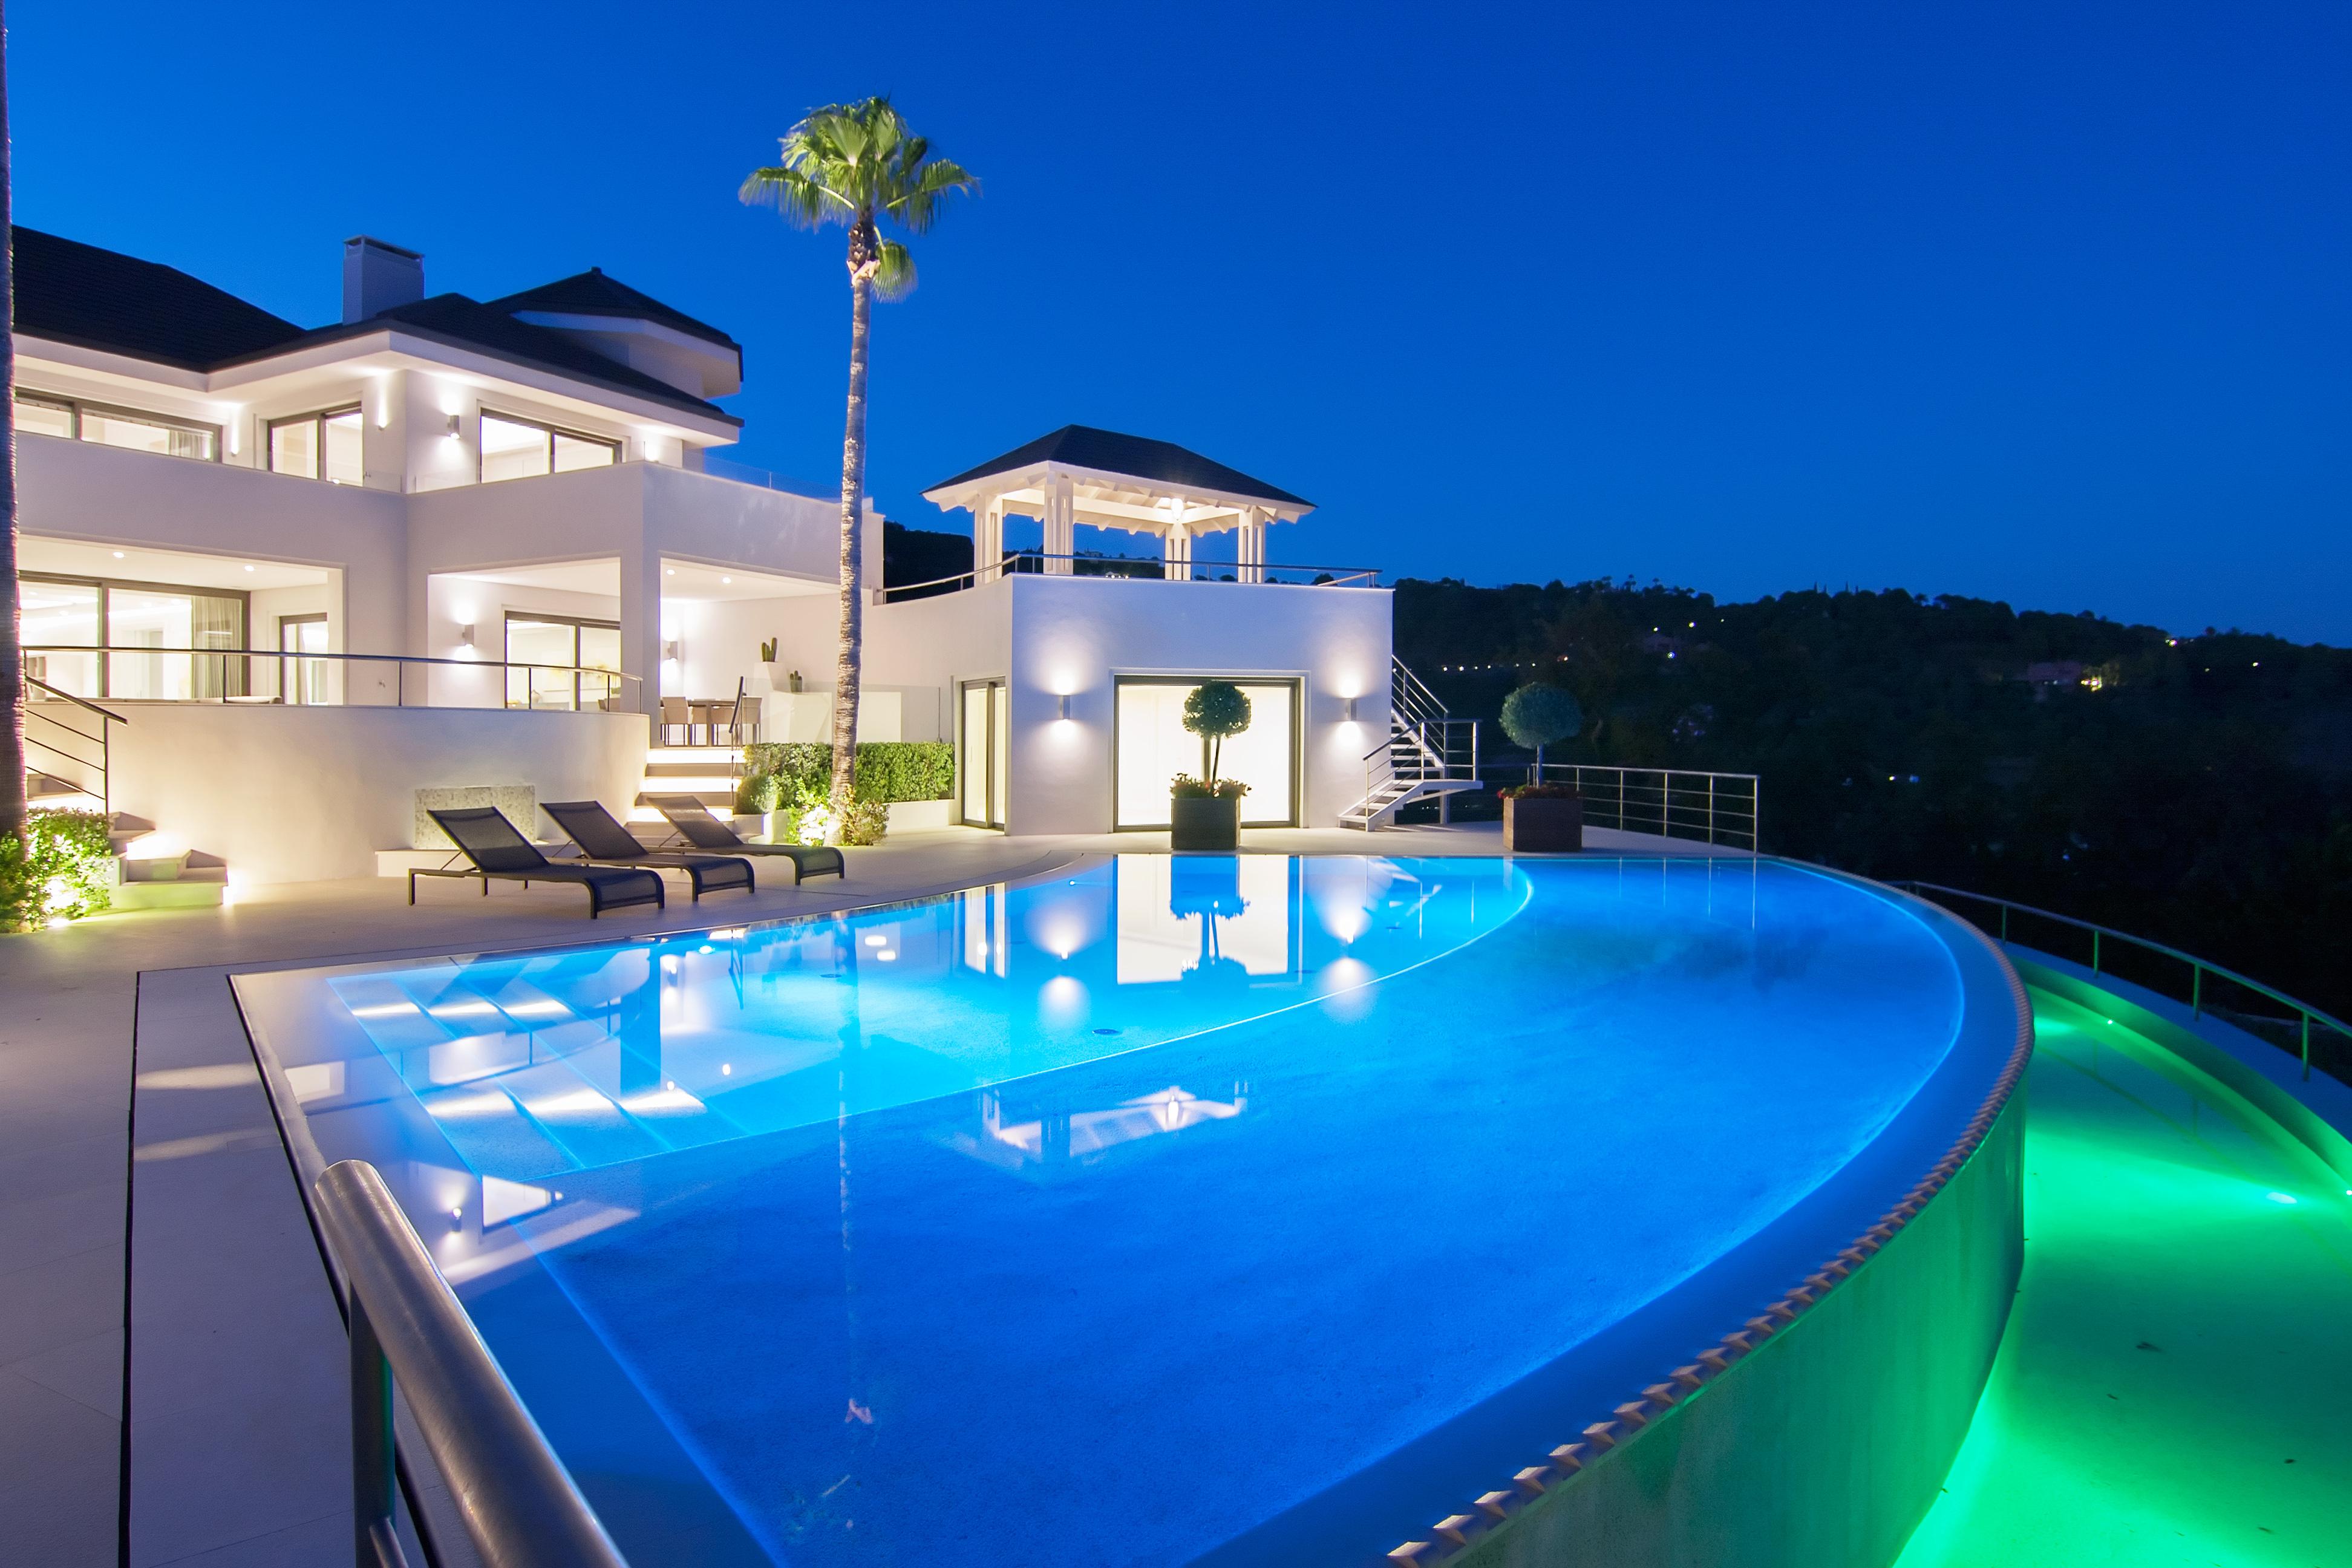 Marbella braucht neue Neubaugebiete